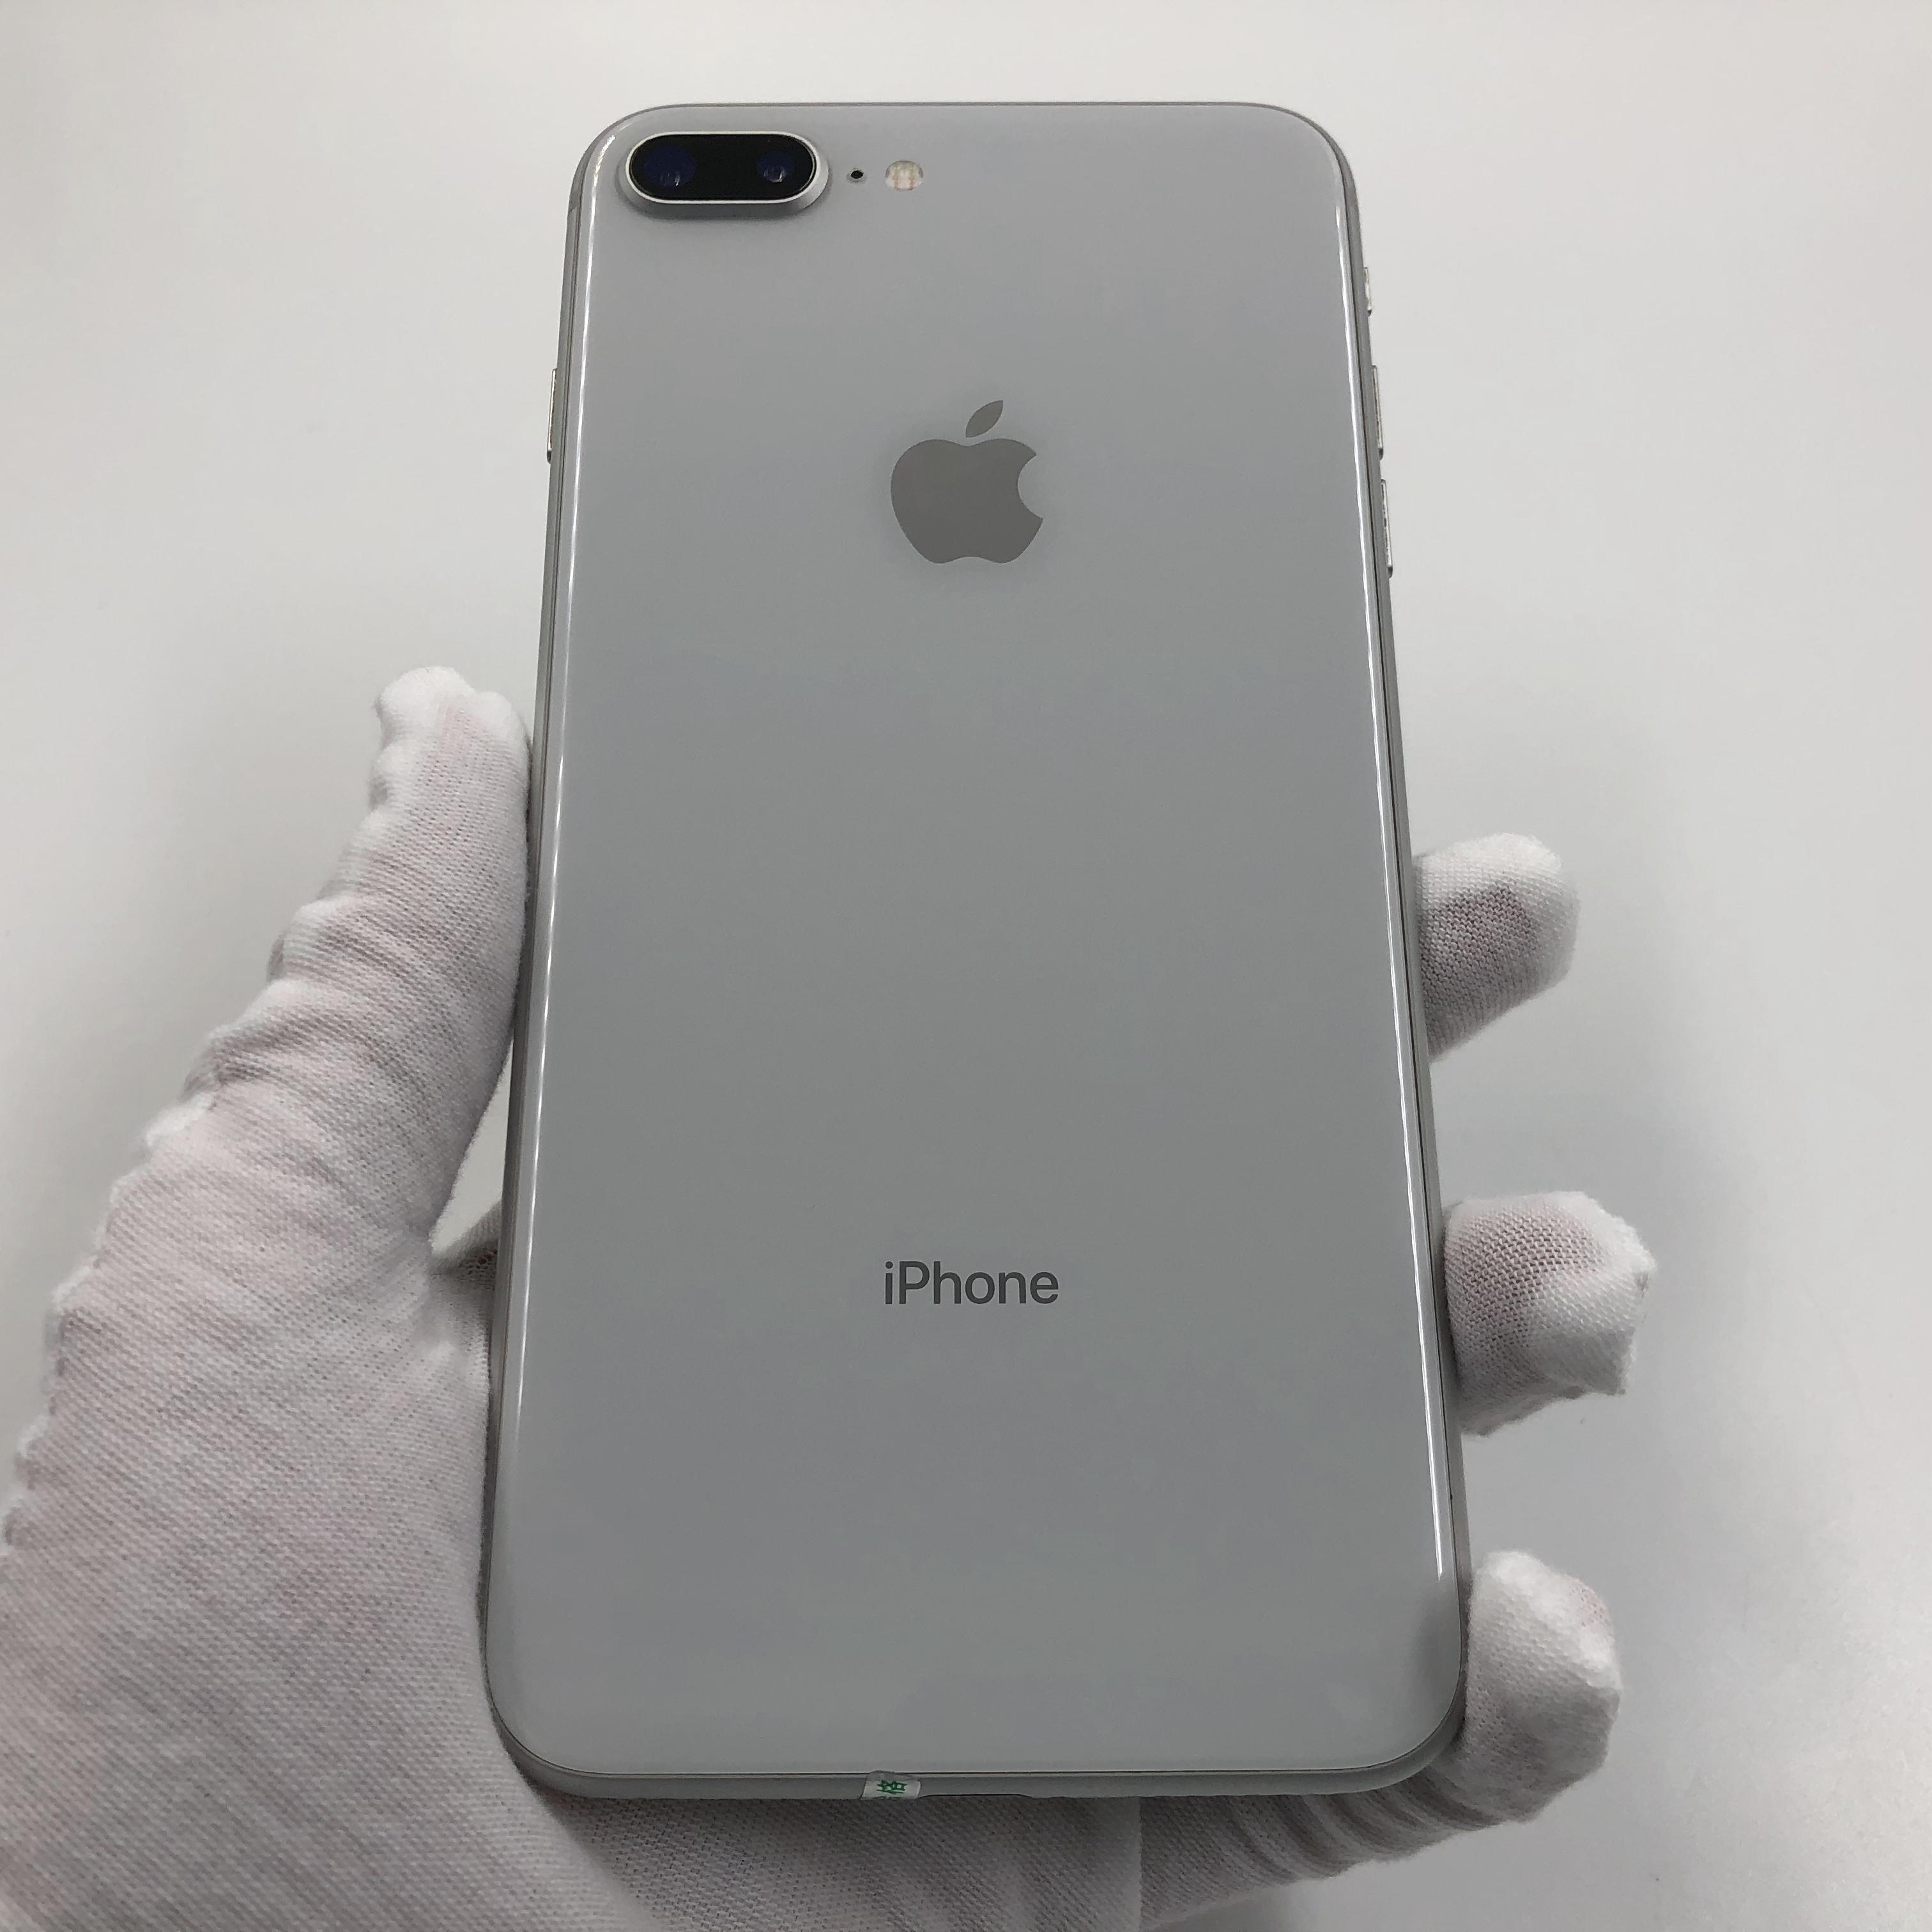 苹果【iPhone 8 Plus】4G全网通 银色 64G 国行 8成新 真机实拍